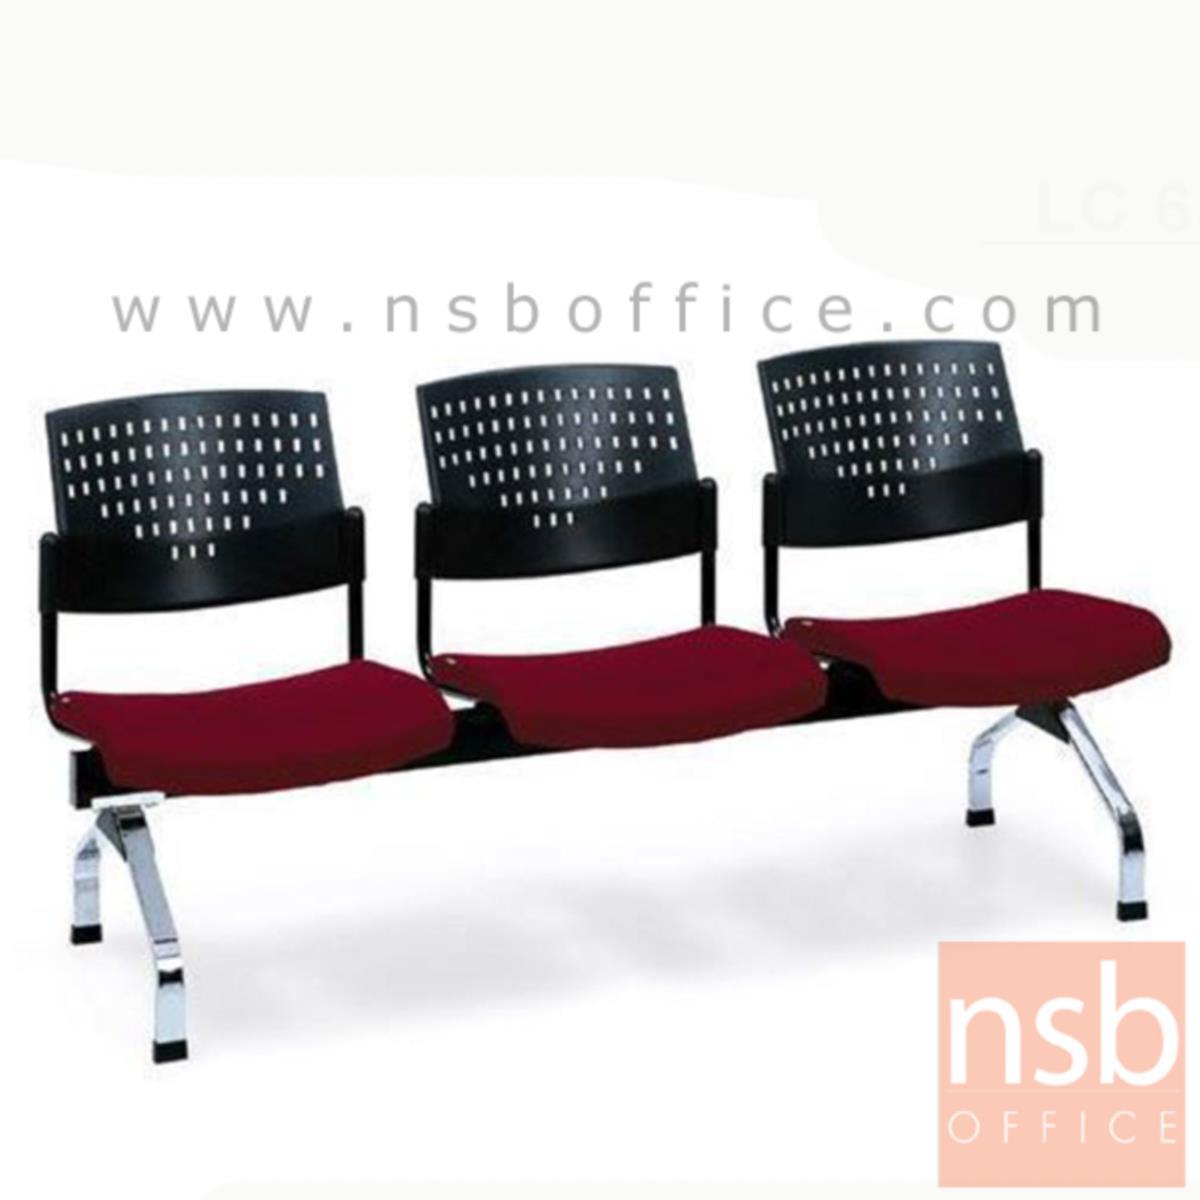 B06A073:เก้าอี้นั่งคอยเฟรมโพลี่หุ้มเบาะ รุ่น Simca (ซิมคา) 3 ,4 ที่นั่ง ขนาด 160W ,214W cm. ขาเหล็ก